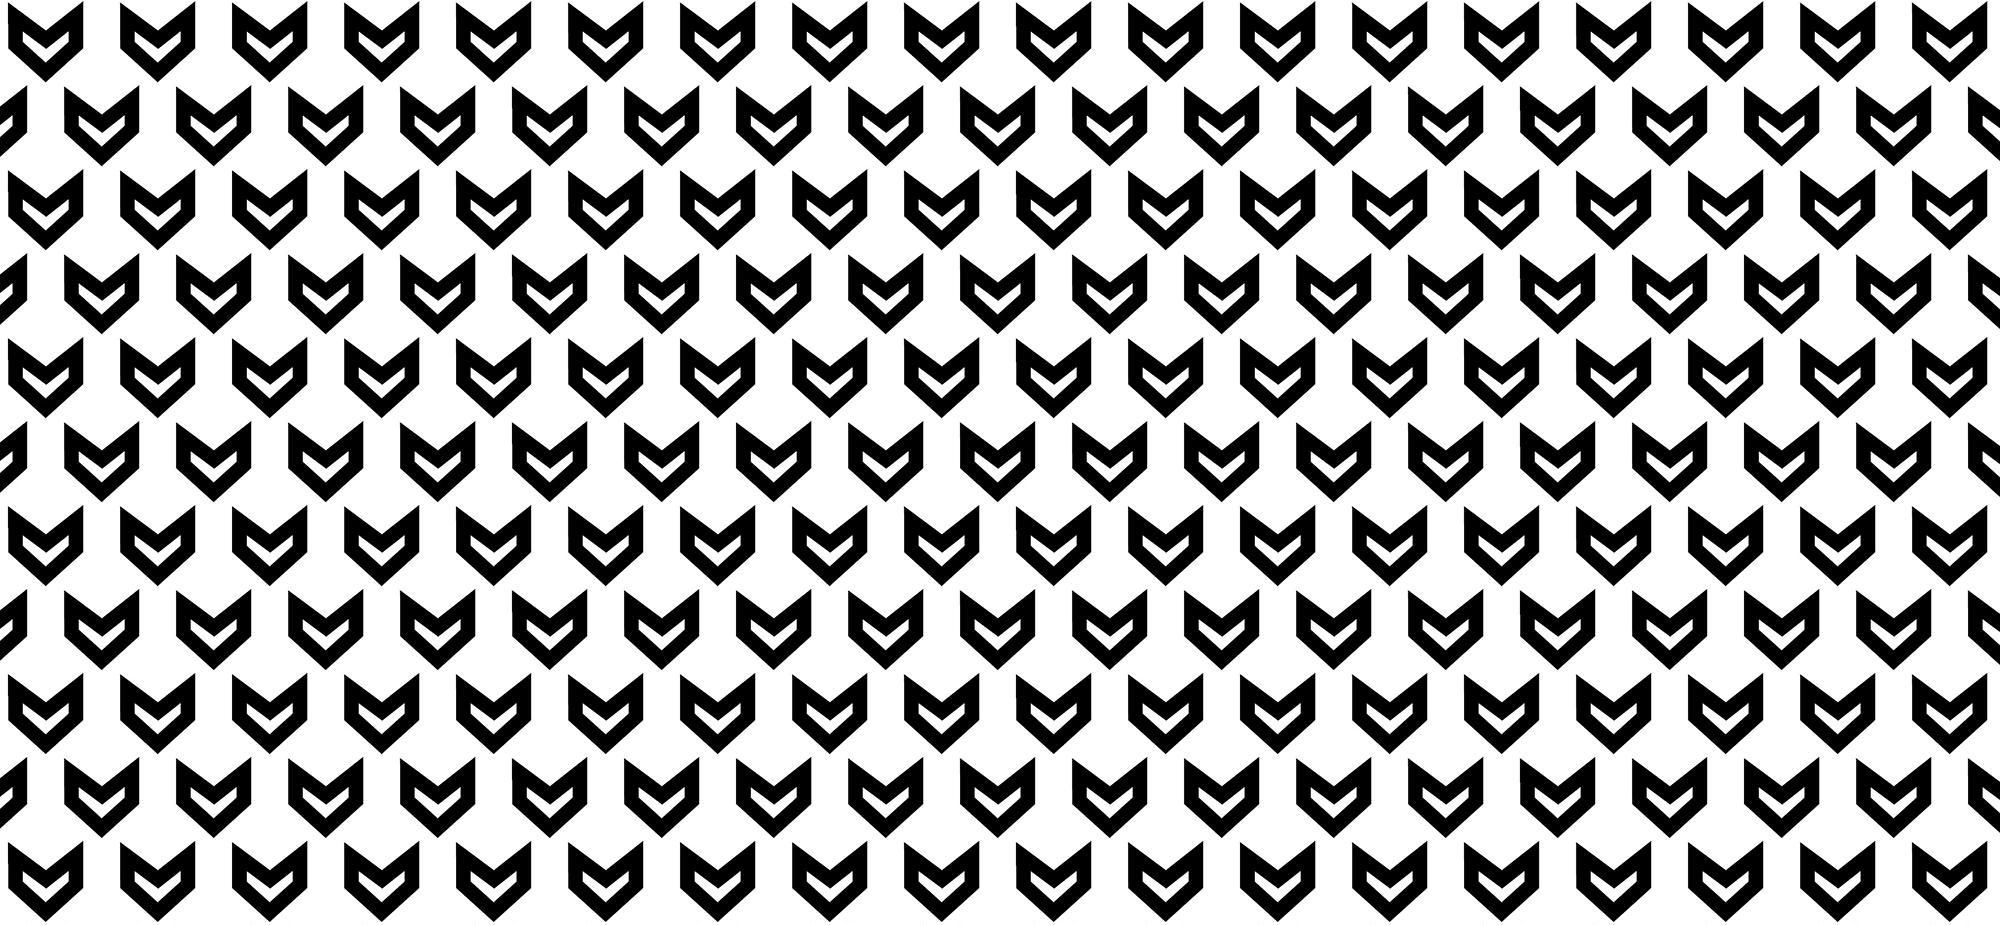 brandbook hop design by nina gregier (10)